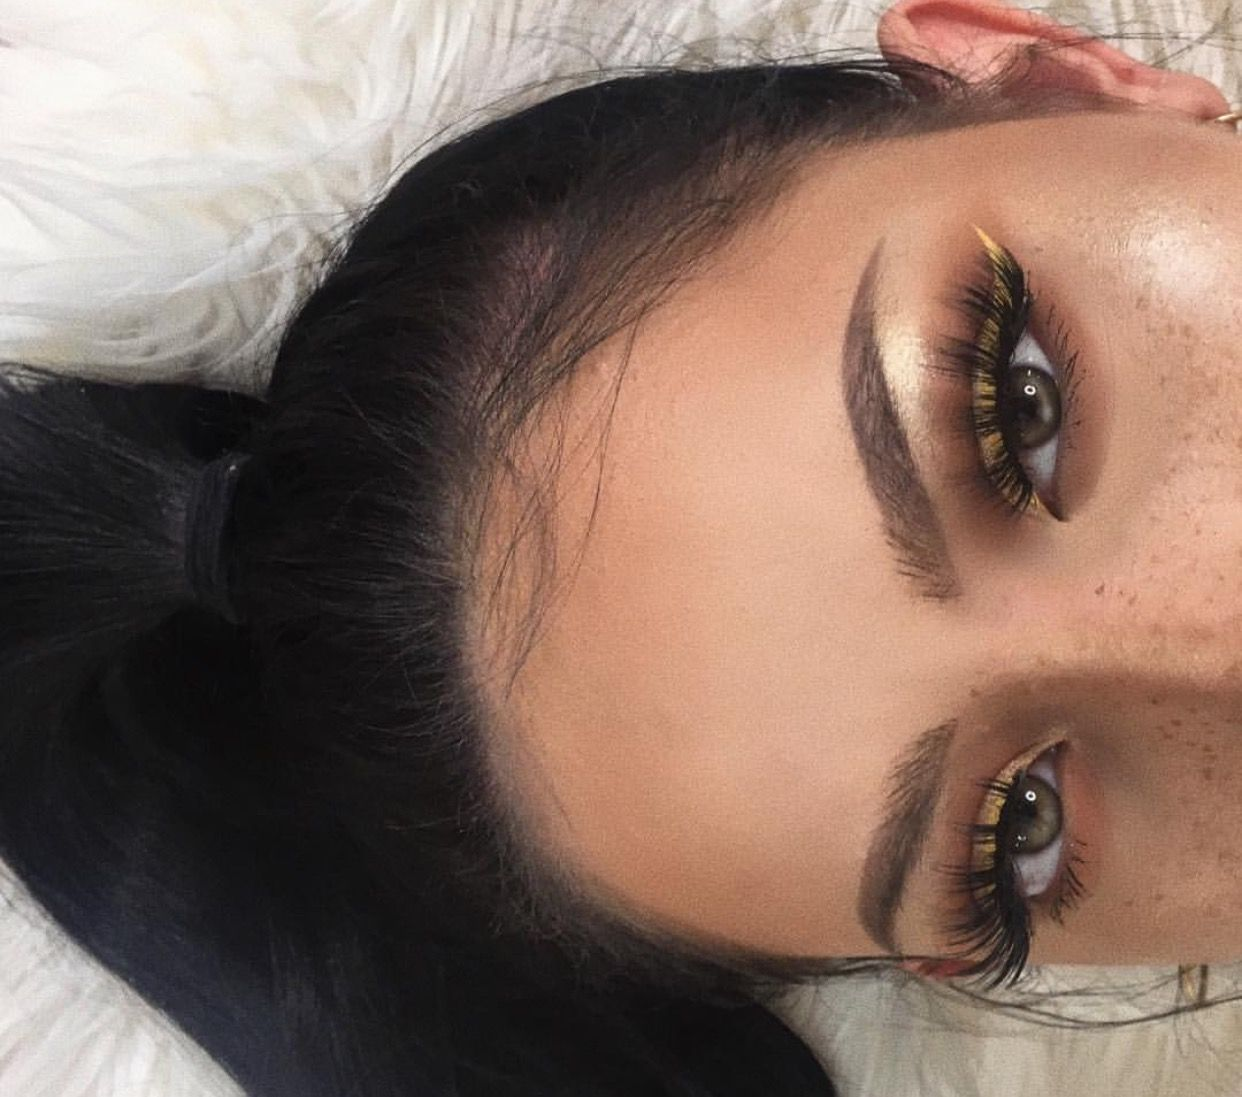 Little nose piercing  Pinterest sallyXO  makeup   Pinterest  Makeup Instagram and Eye